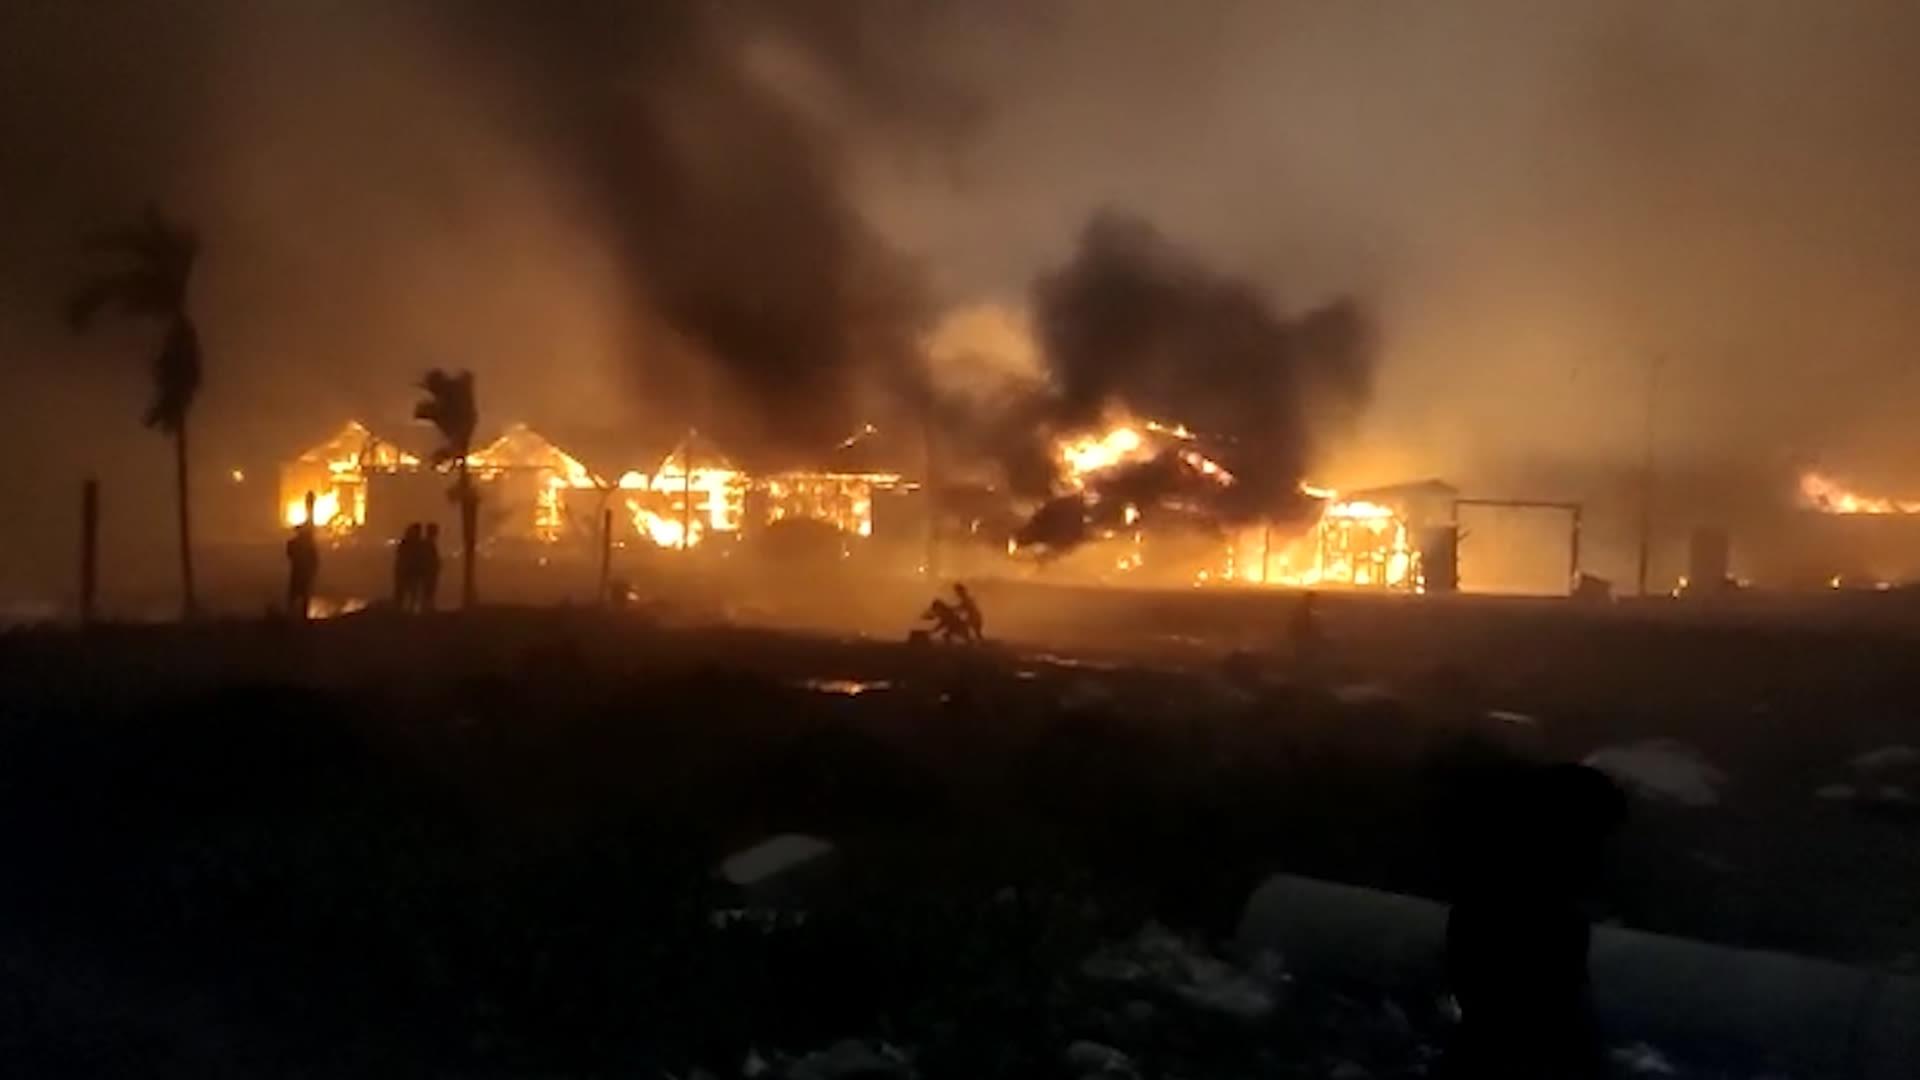 هكذا عانى اللاجئون من الحريق الذي اندلع في مخيم الروهينغا